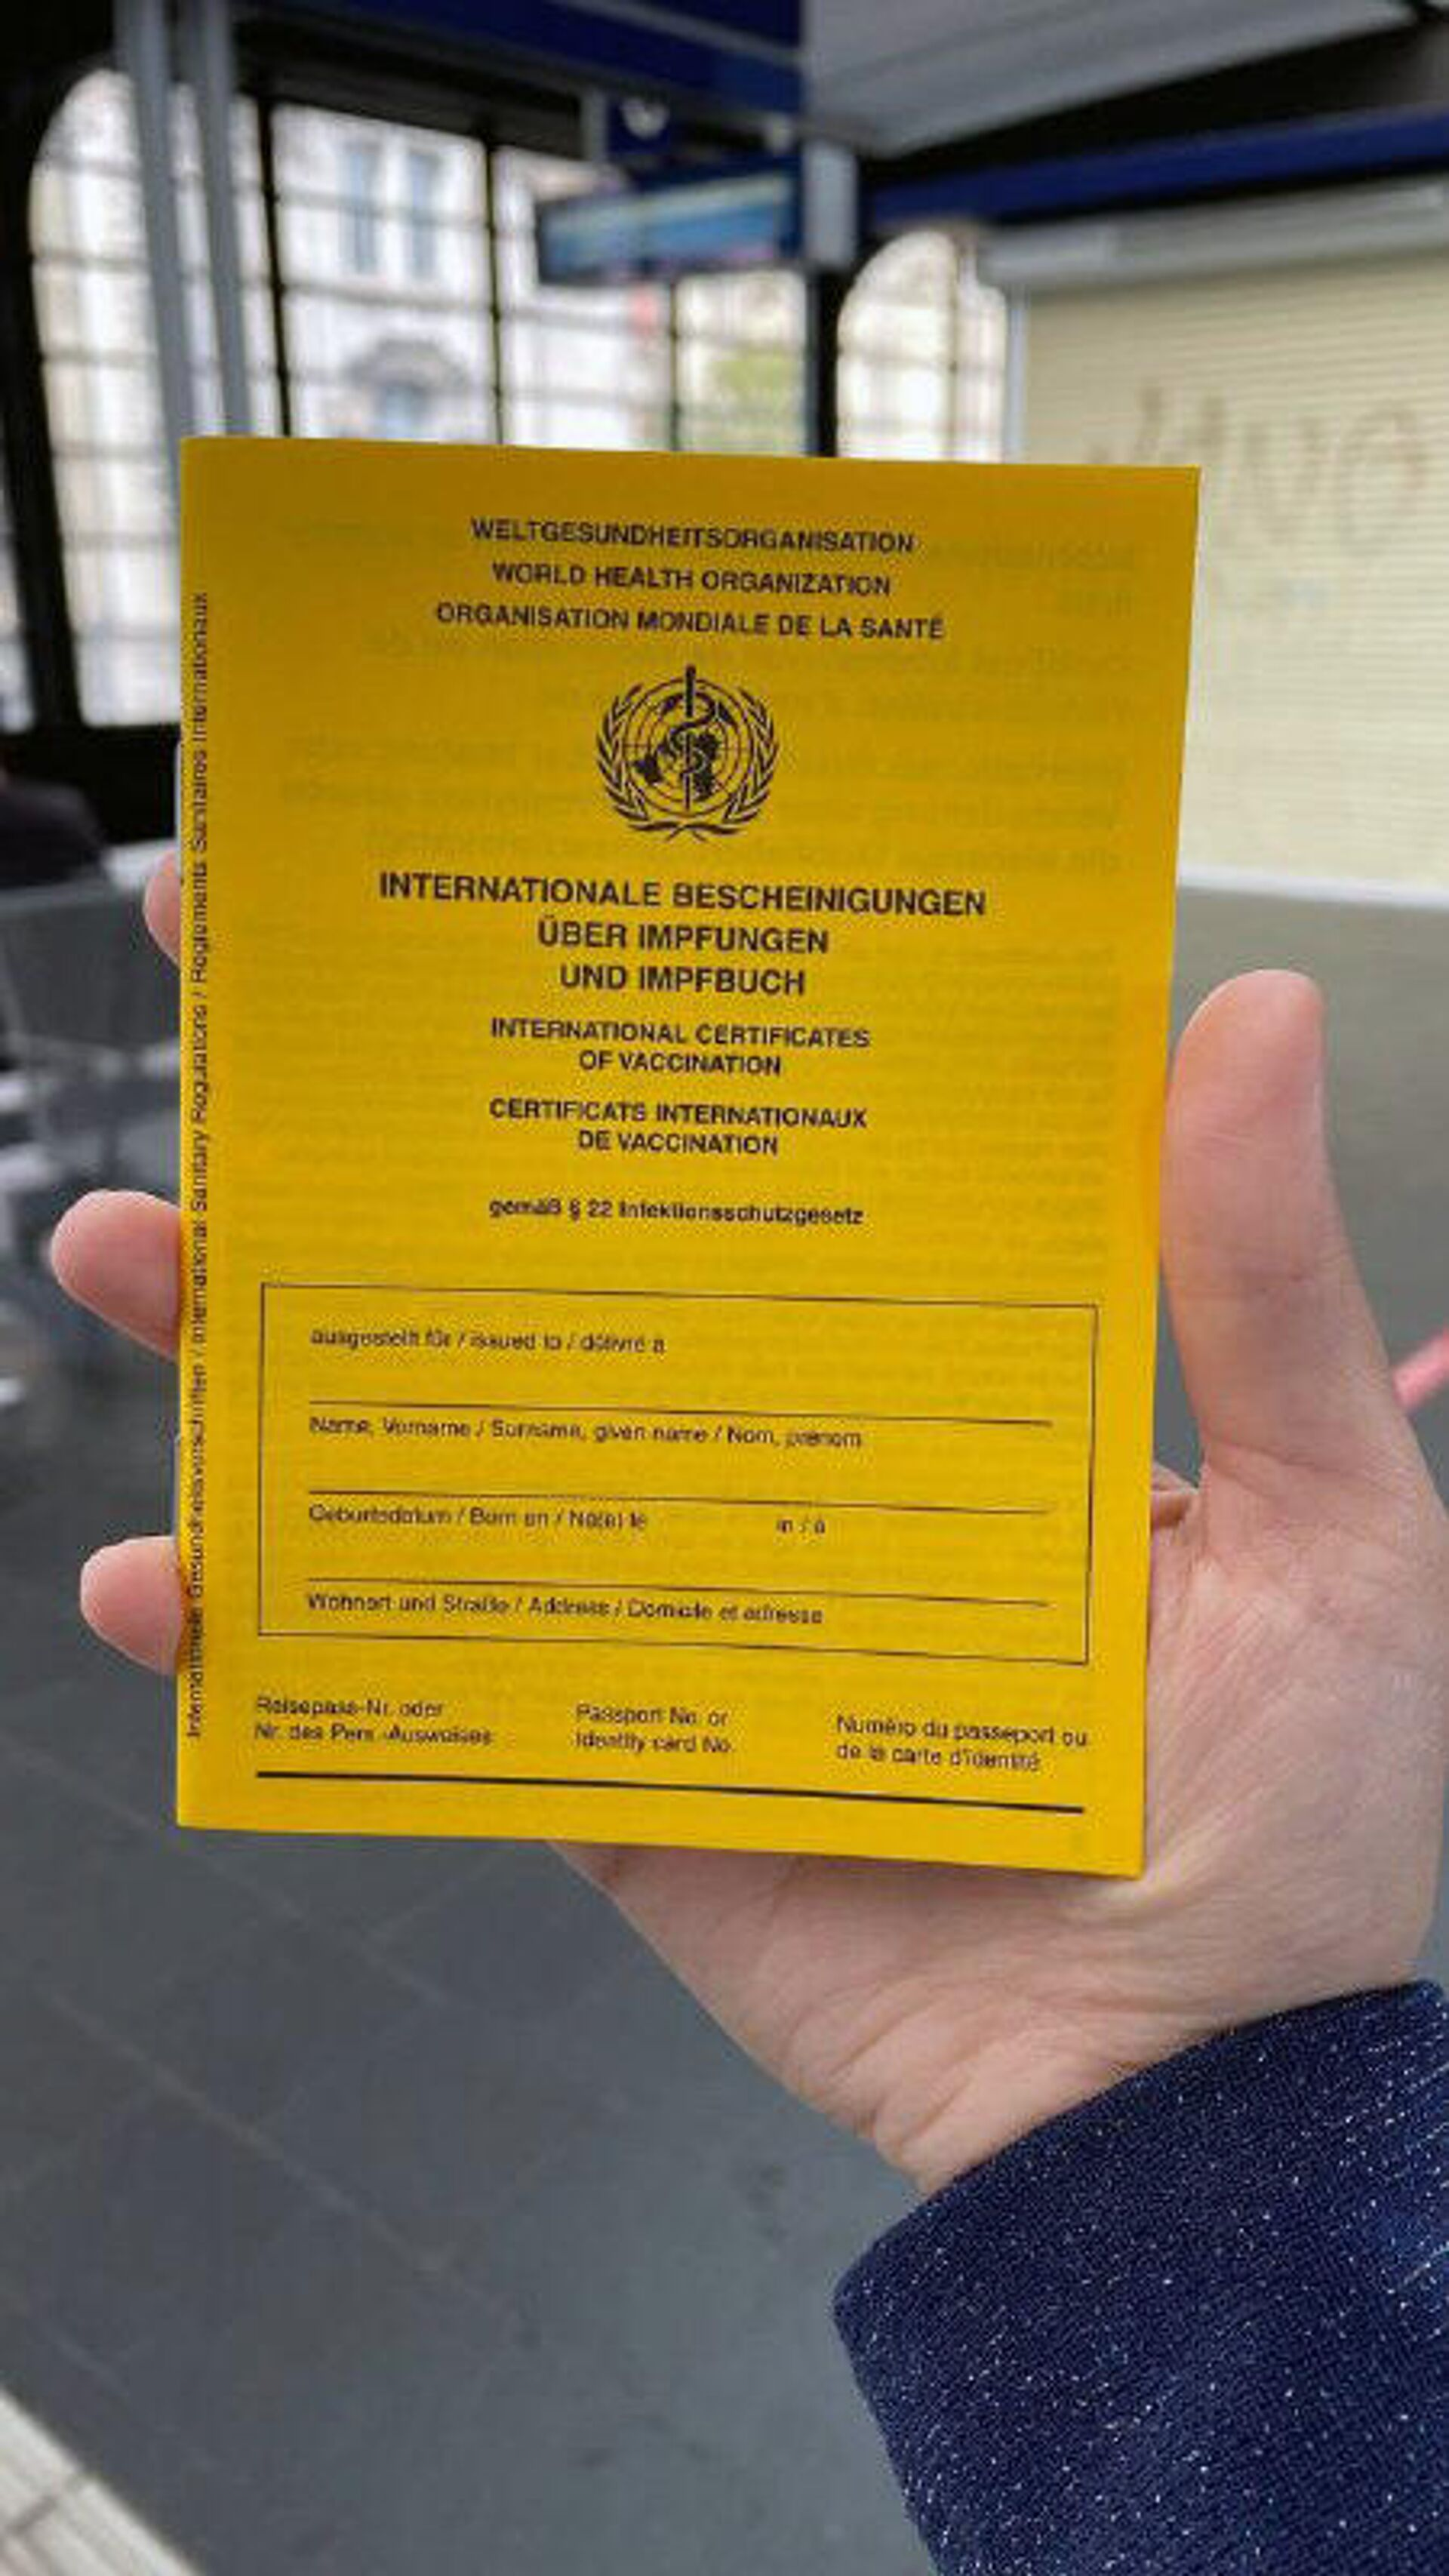 Паспорт вакцинированного в Германии - РИА Новости, 1920, 30.09.2021